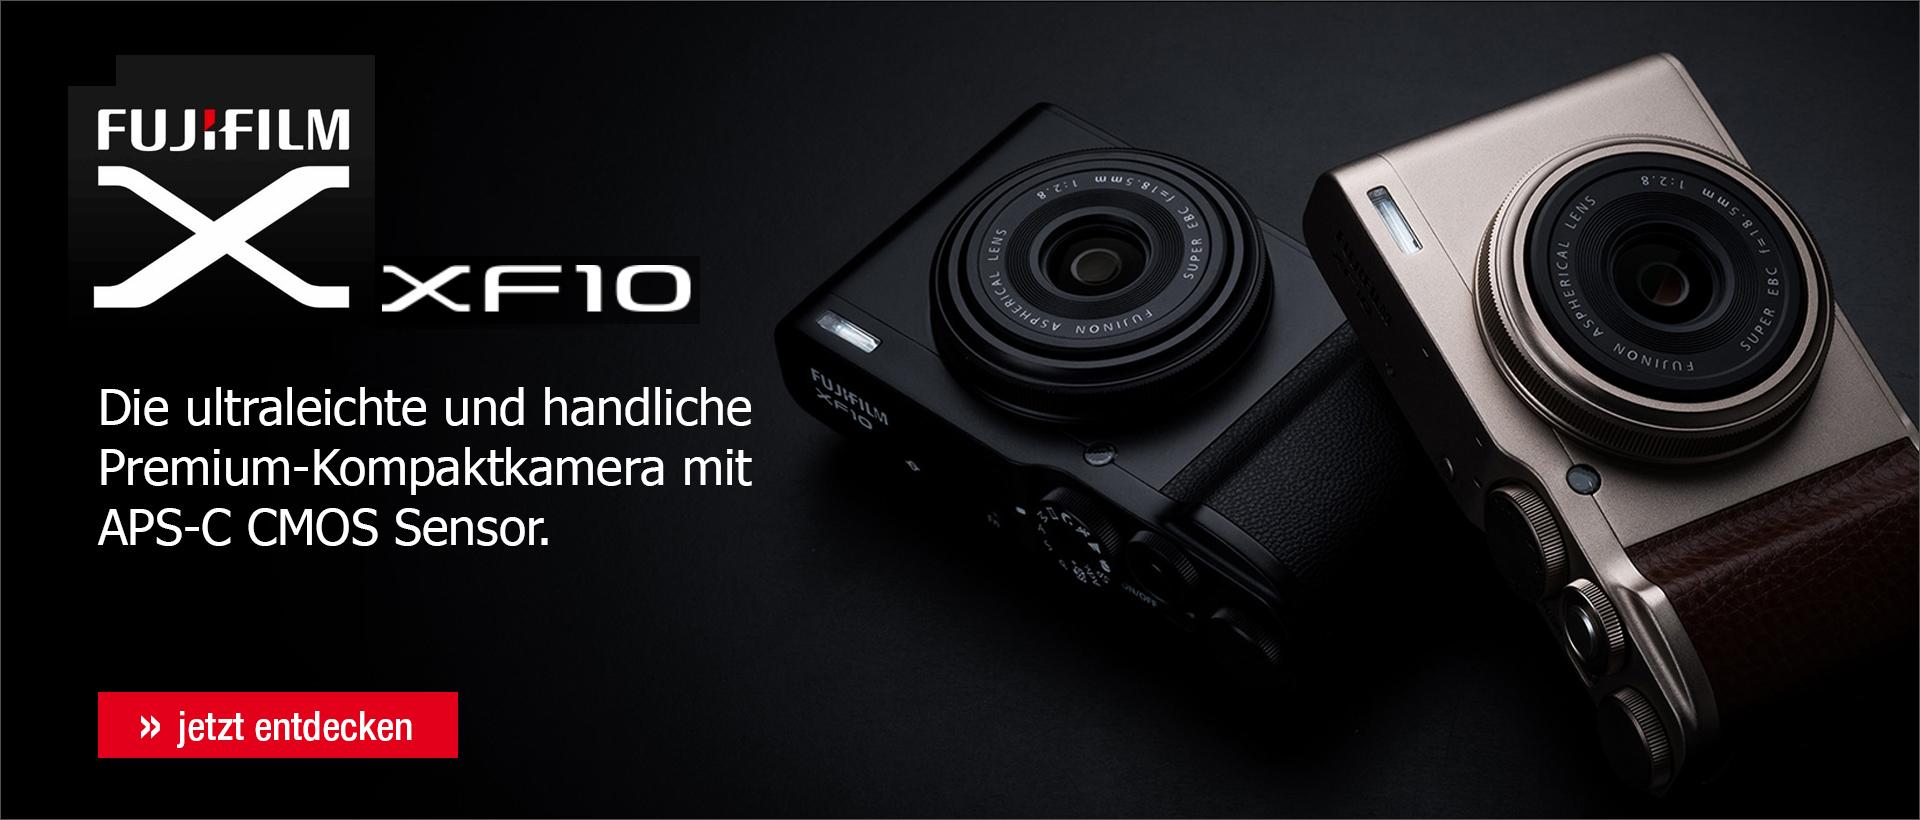 Fuji XF10 @ Photohaus.de